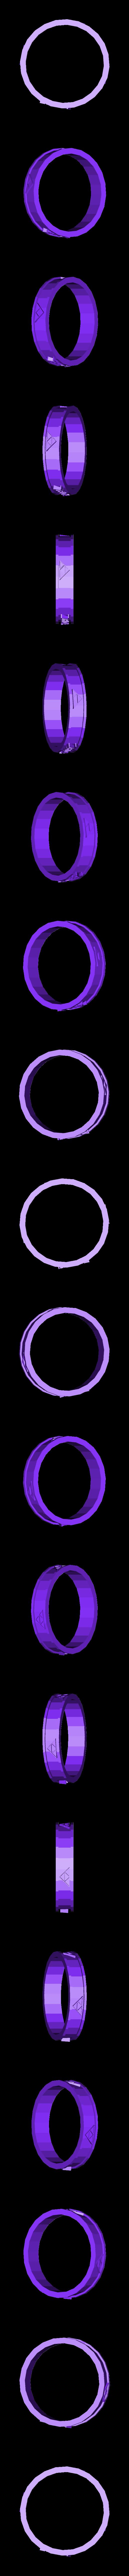 TriforceRing.stl Download free STL file Triforce Zelda Ring • 3D print template, Hoofbaugh